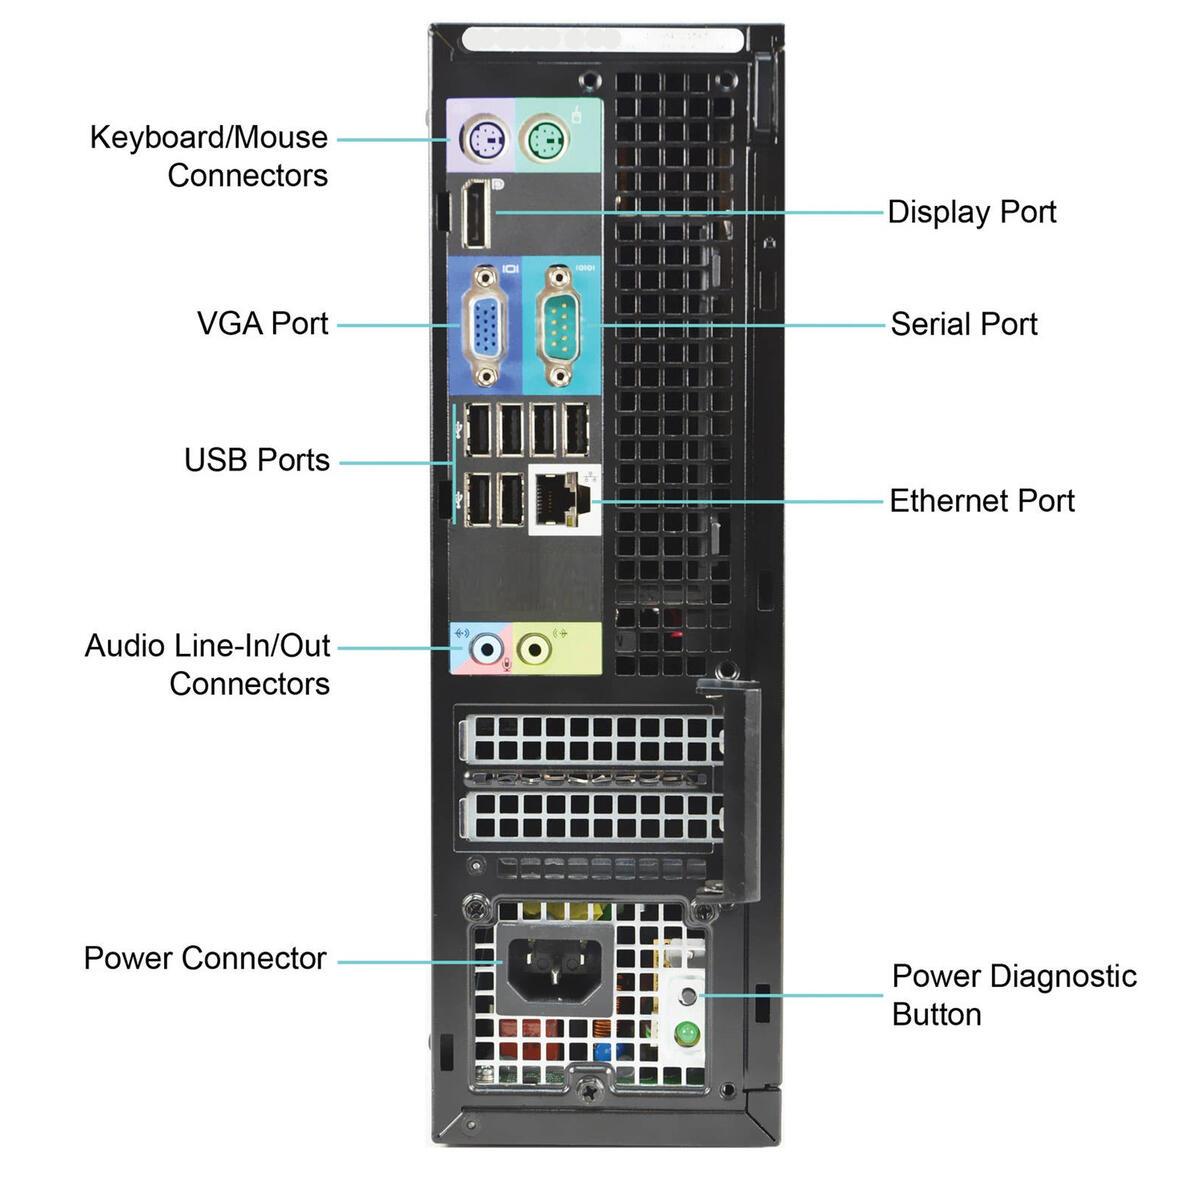 DELL OPTIPLEX 990 SFF I5-2500 3.30GHz, 8GB RAM, 500GB HDD, WiFi 650MB/s, DVD+/-RW, Windows 10 PRO.HDD, DVD+RW, WiFi, Windows 10 Professional 64-Bit.